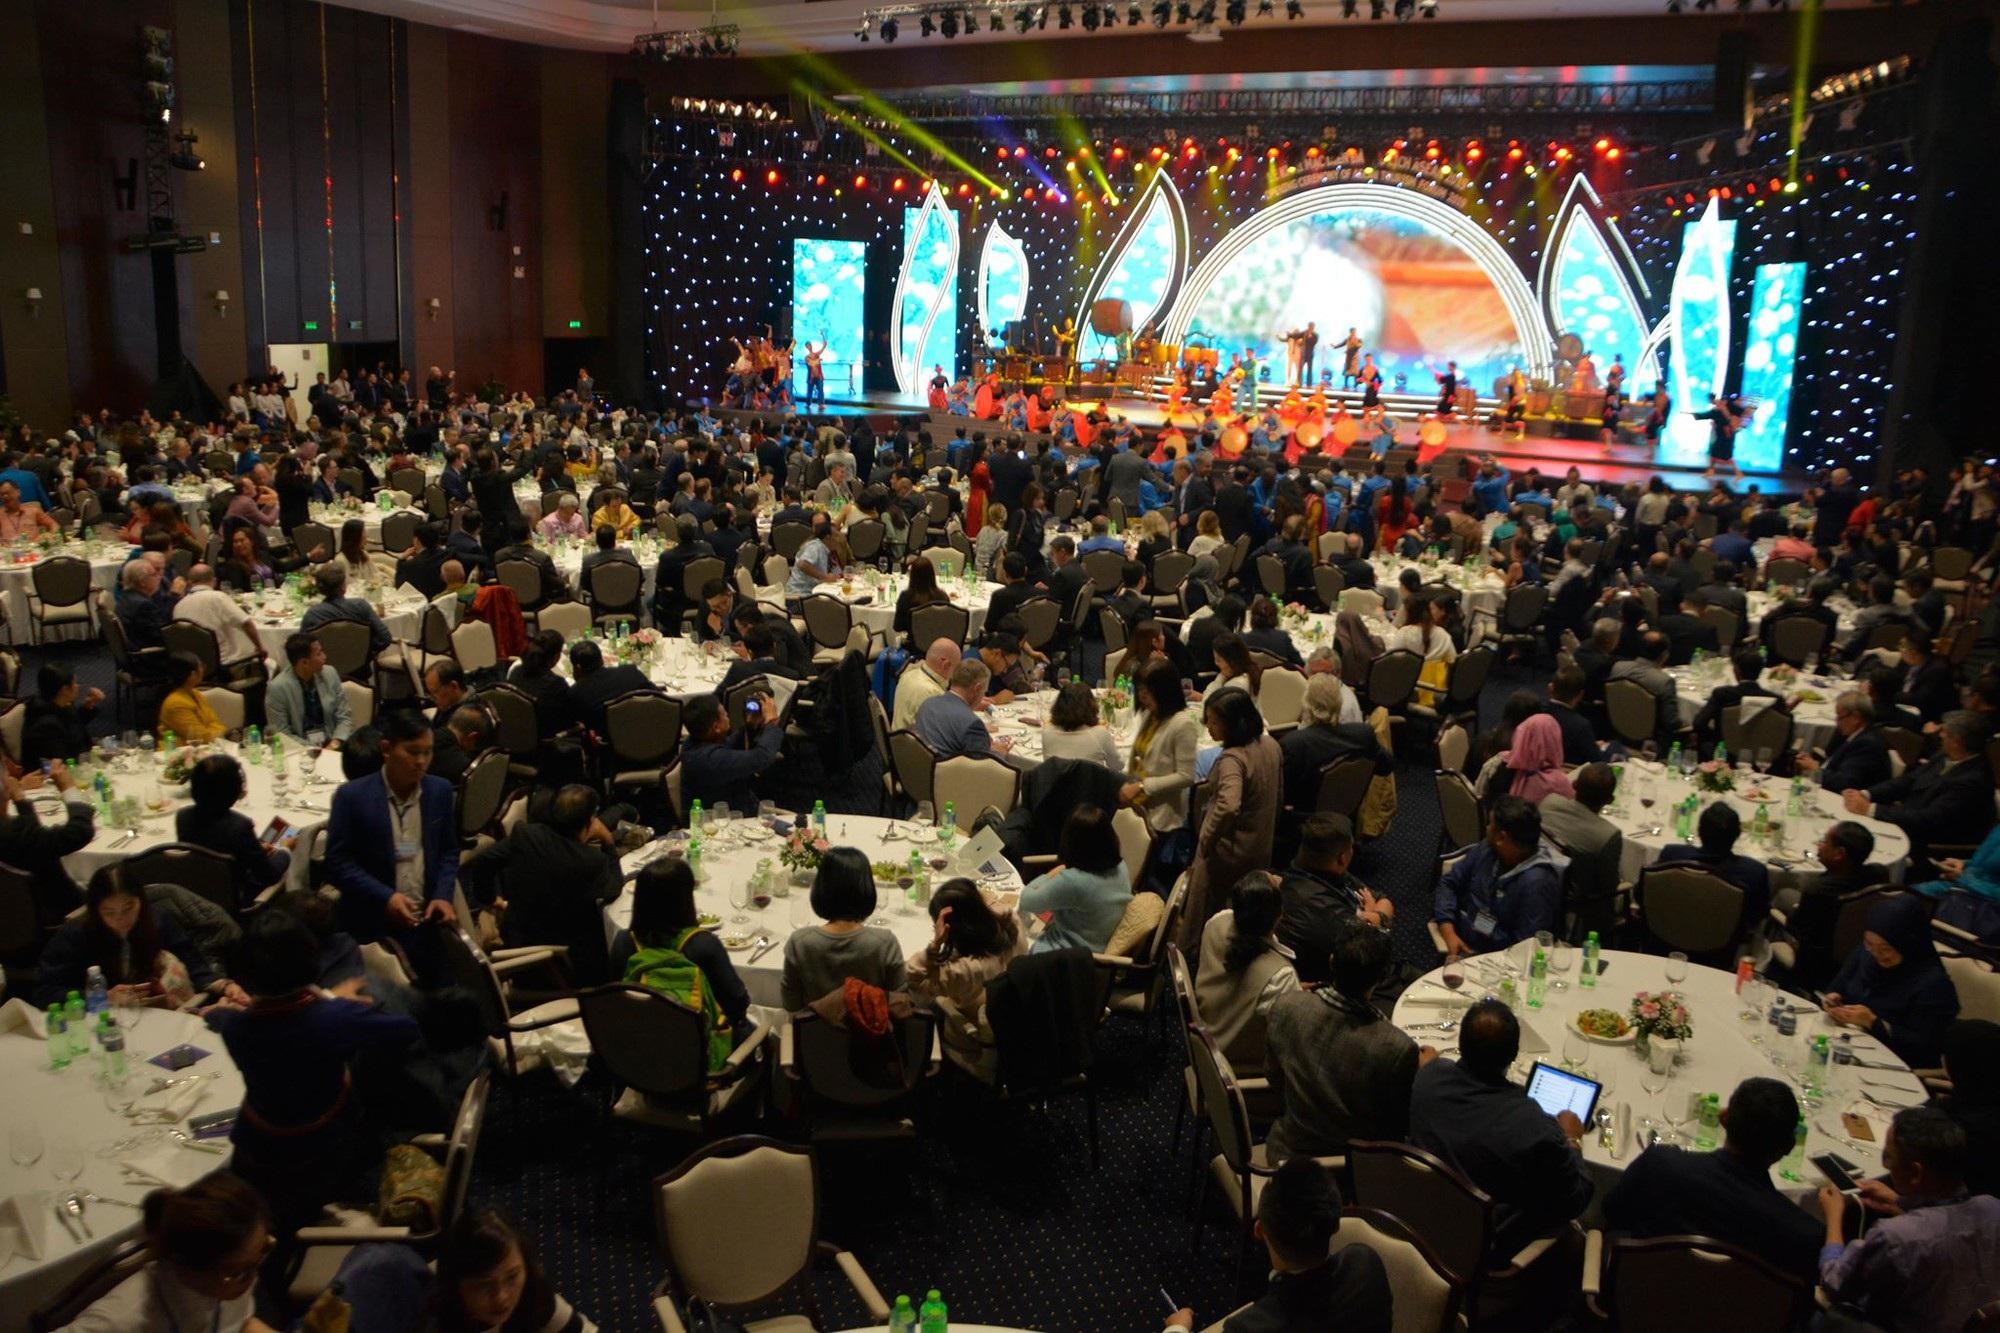 Phó thủ tướng Vũ Đức Đam dự Khai mạc Diễn đàn Du lịch ASEAN 2019 - Ảnh 2.